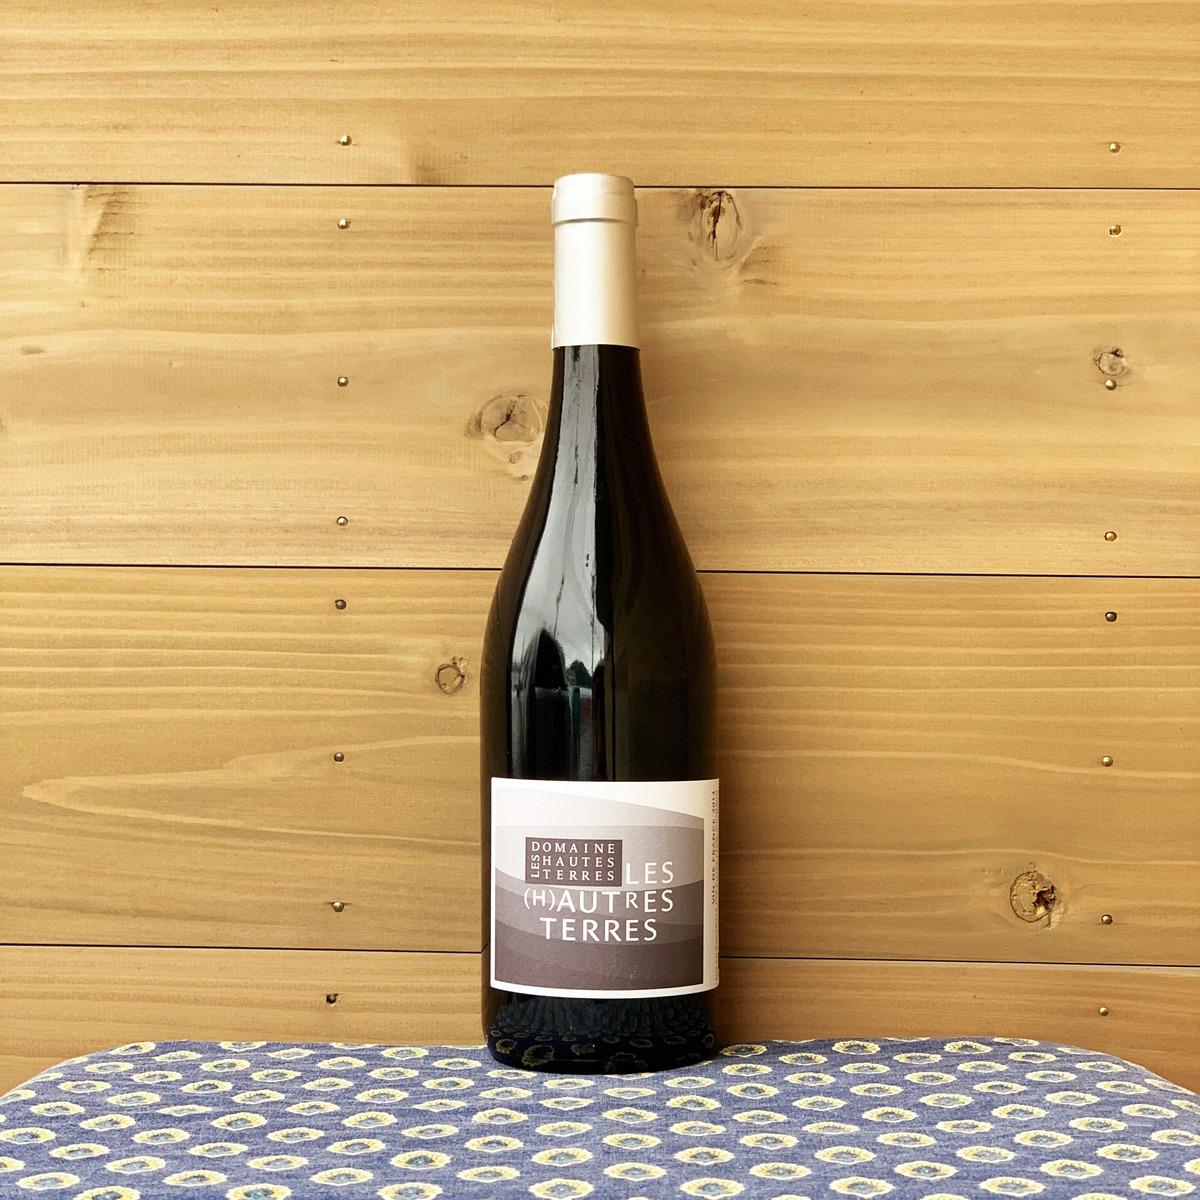 レ ゾット テールのセカンドラインの赤ワイン 高地の土壌を活かしたワインです ラングドック地方 フランス テール 赤 オンライン限定商品 赤ワイン ゾートル '14 チープ 自然派ワイン